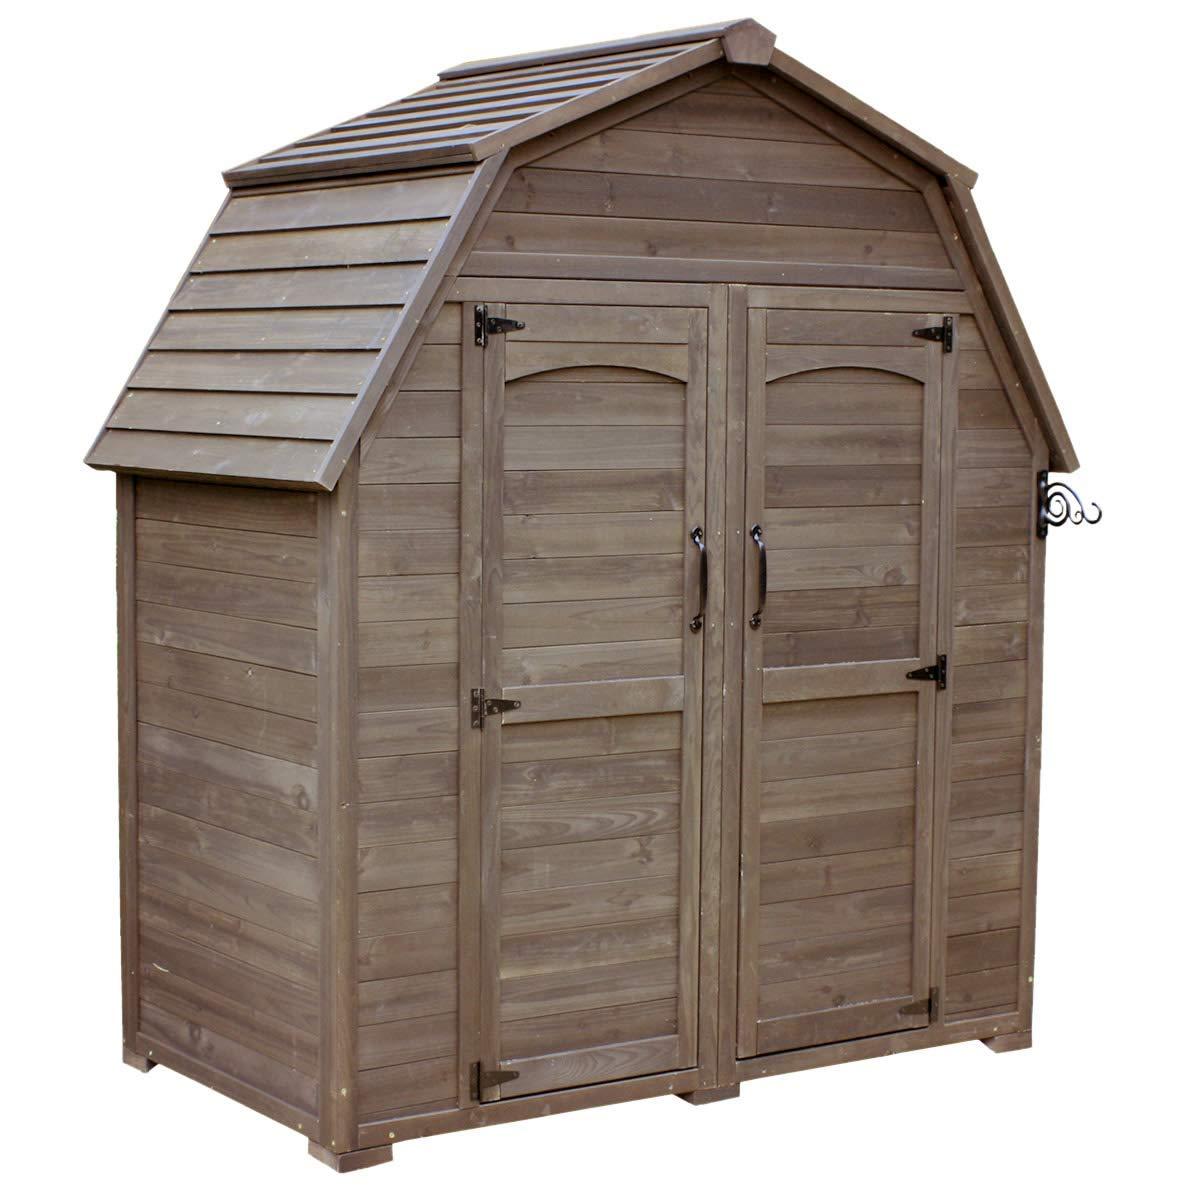 物置 屋外 大型 収納 ガーデニング 収納庫 物置小屋 木製 欧 モダン ダークブラウン B07RLR8269 ダークブラウン